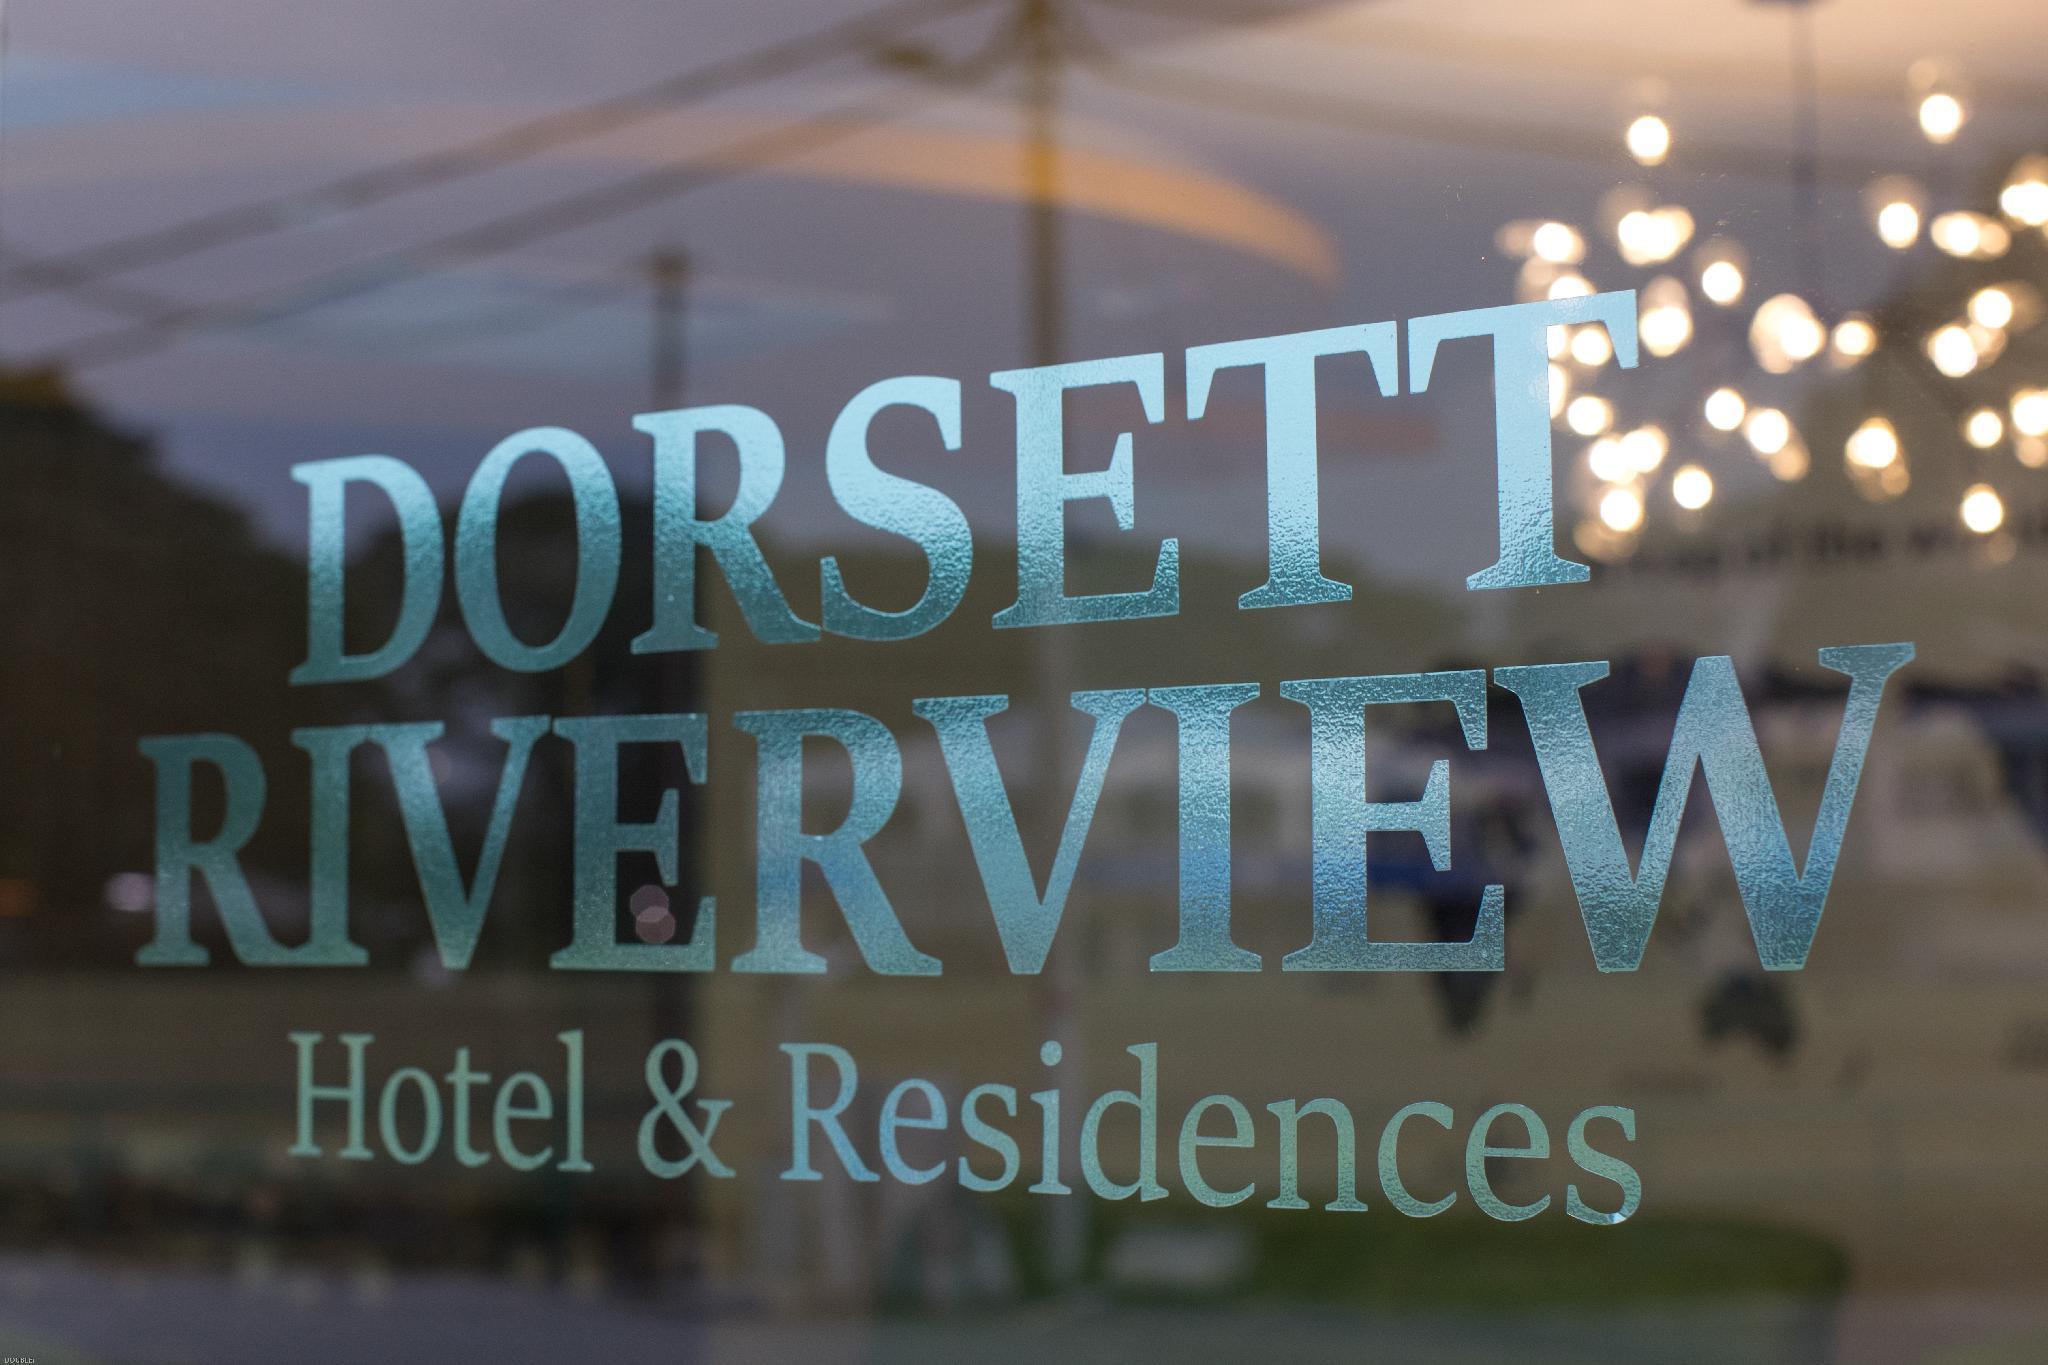 Dorsett Riverview Hotel & Residences